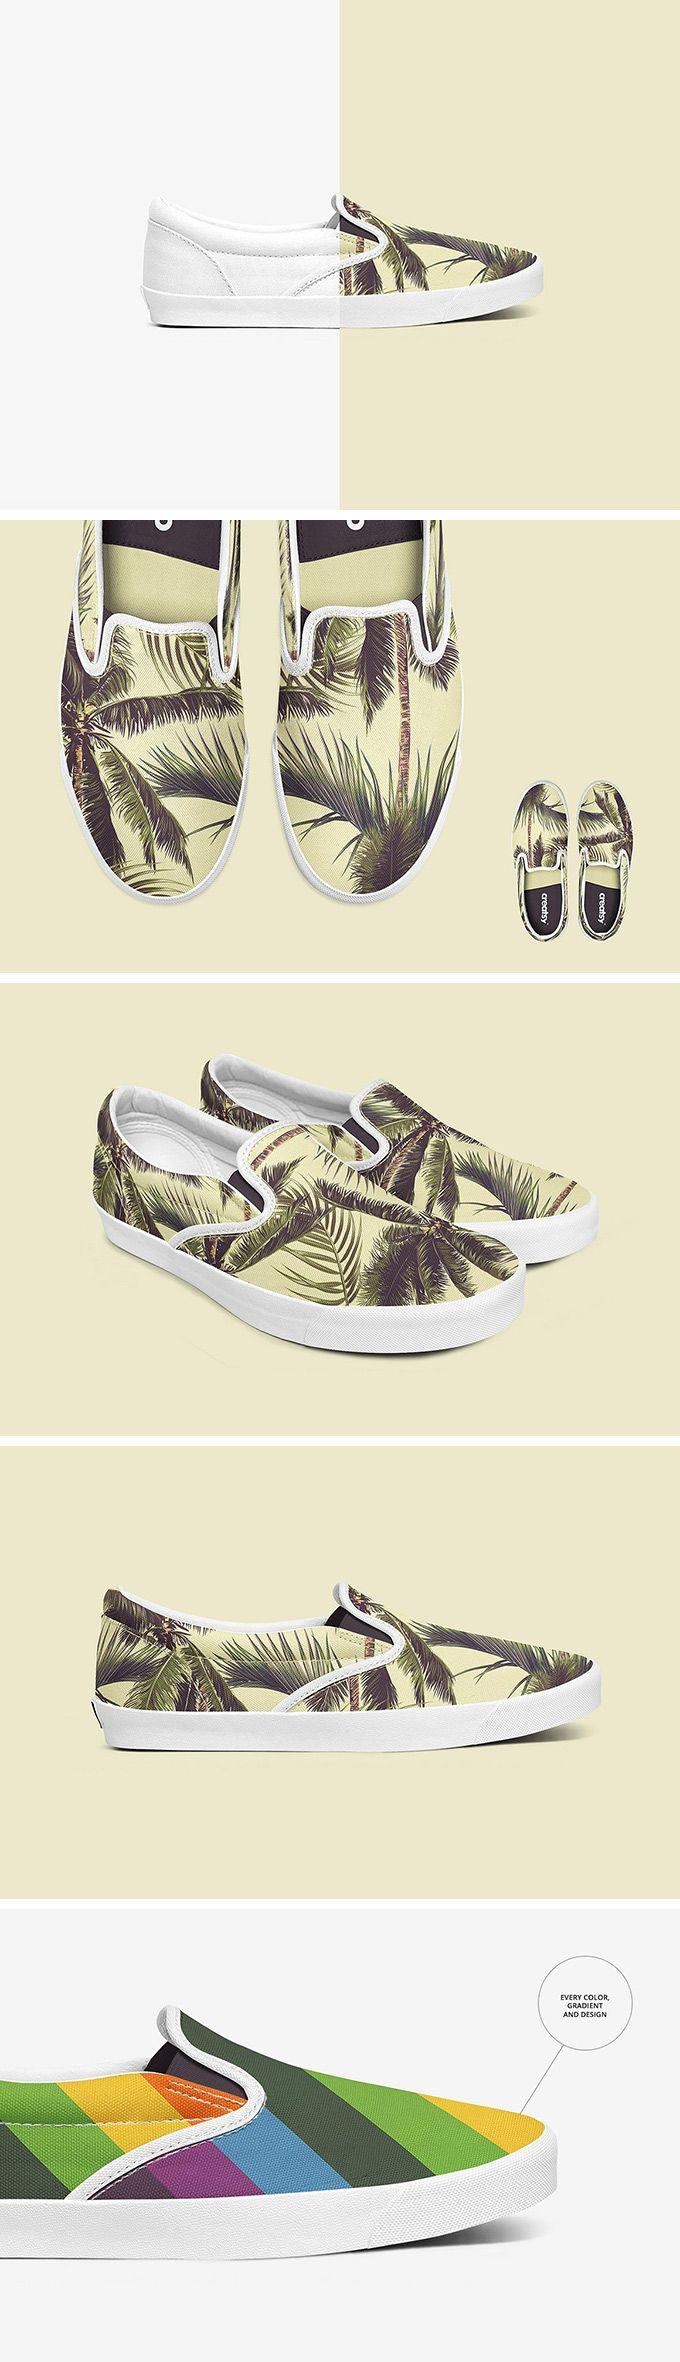 Download Slip On Shoes Mockup Set Shoe Poster White Slip On Shoes Mockup